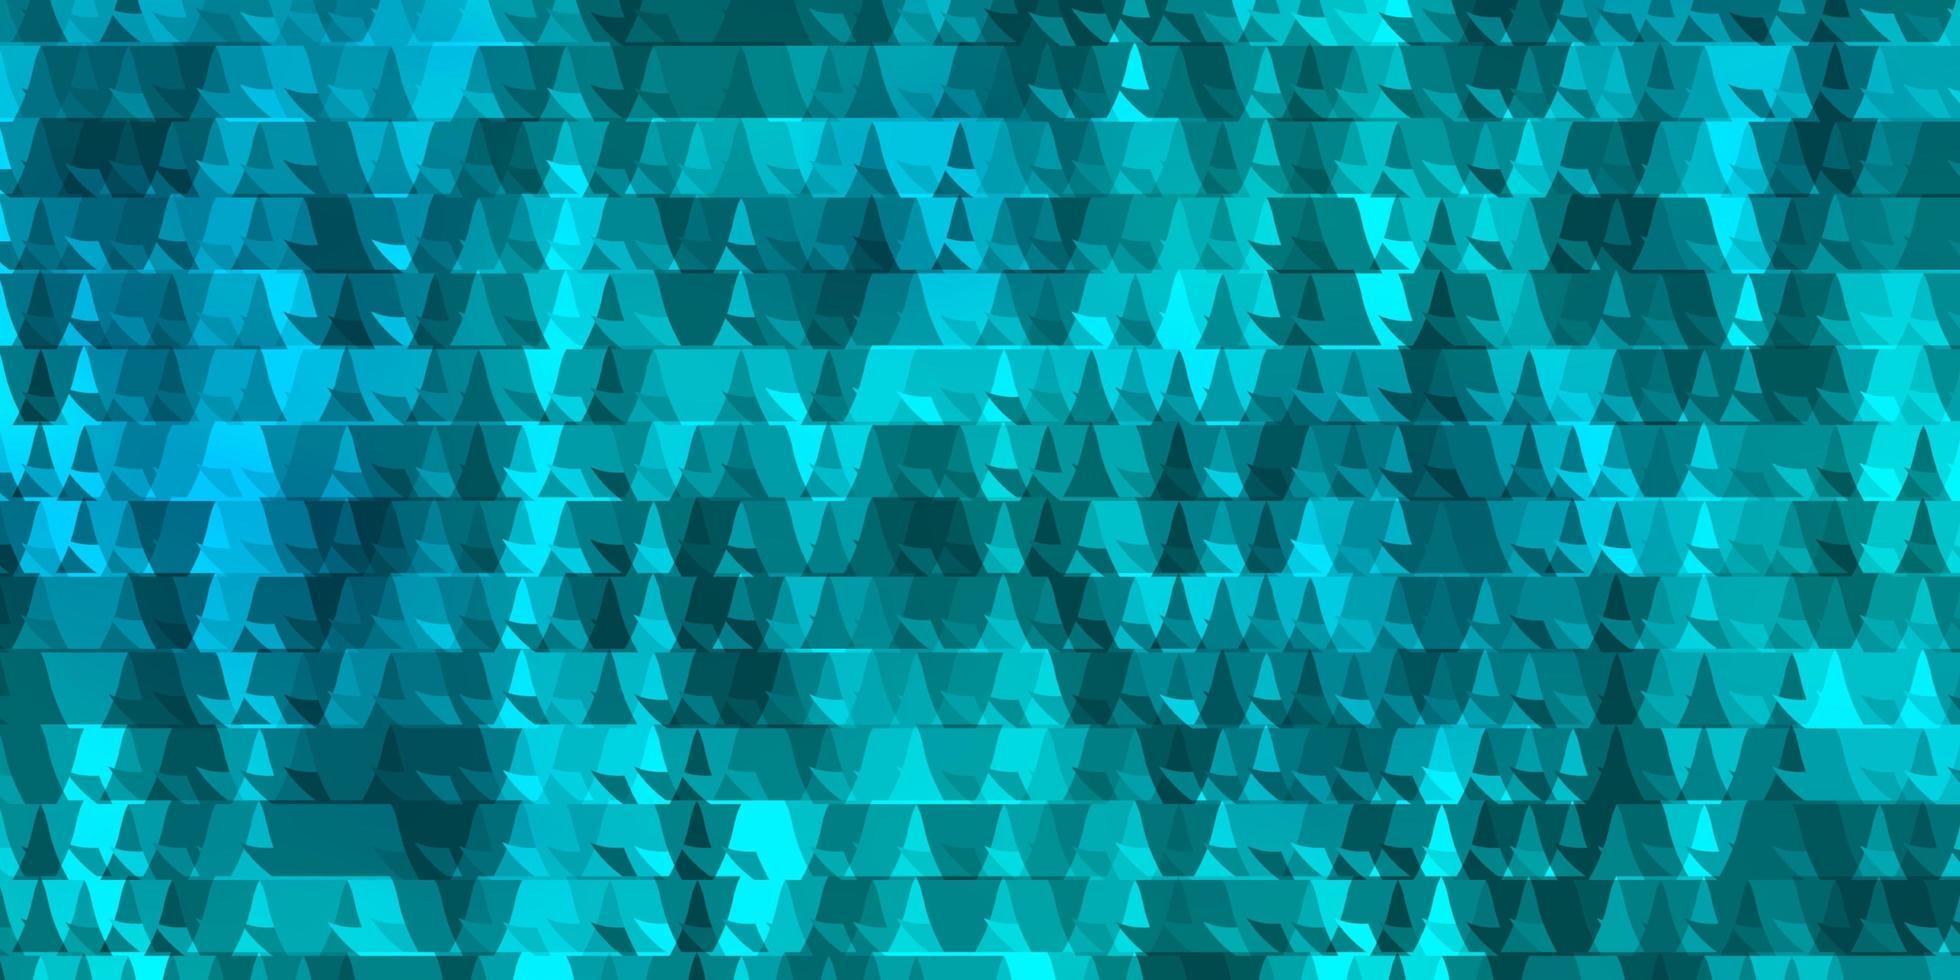 fond de vecteur bleu clair avec des lignes, des triangles.